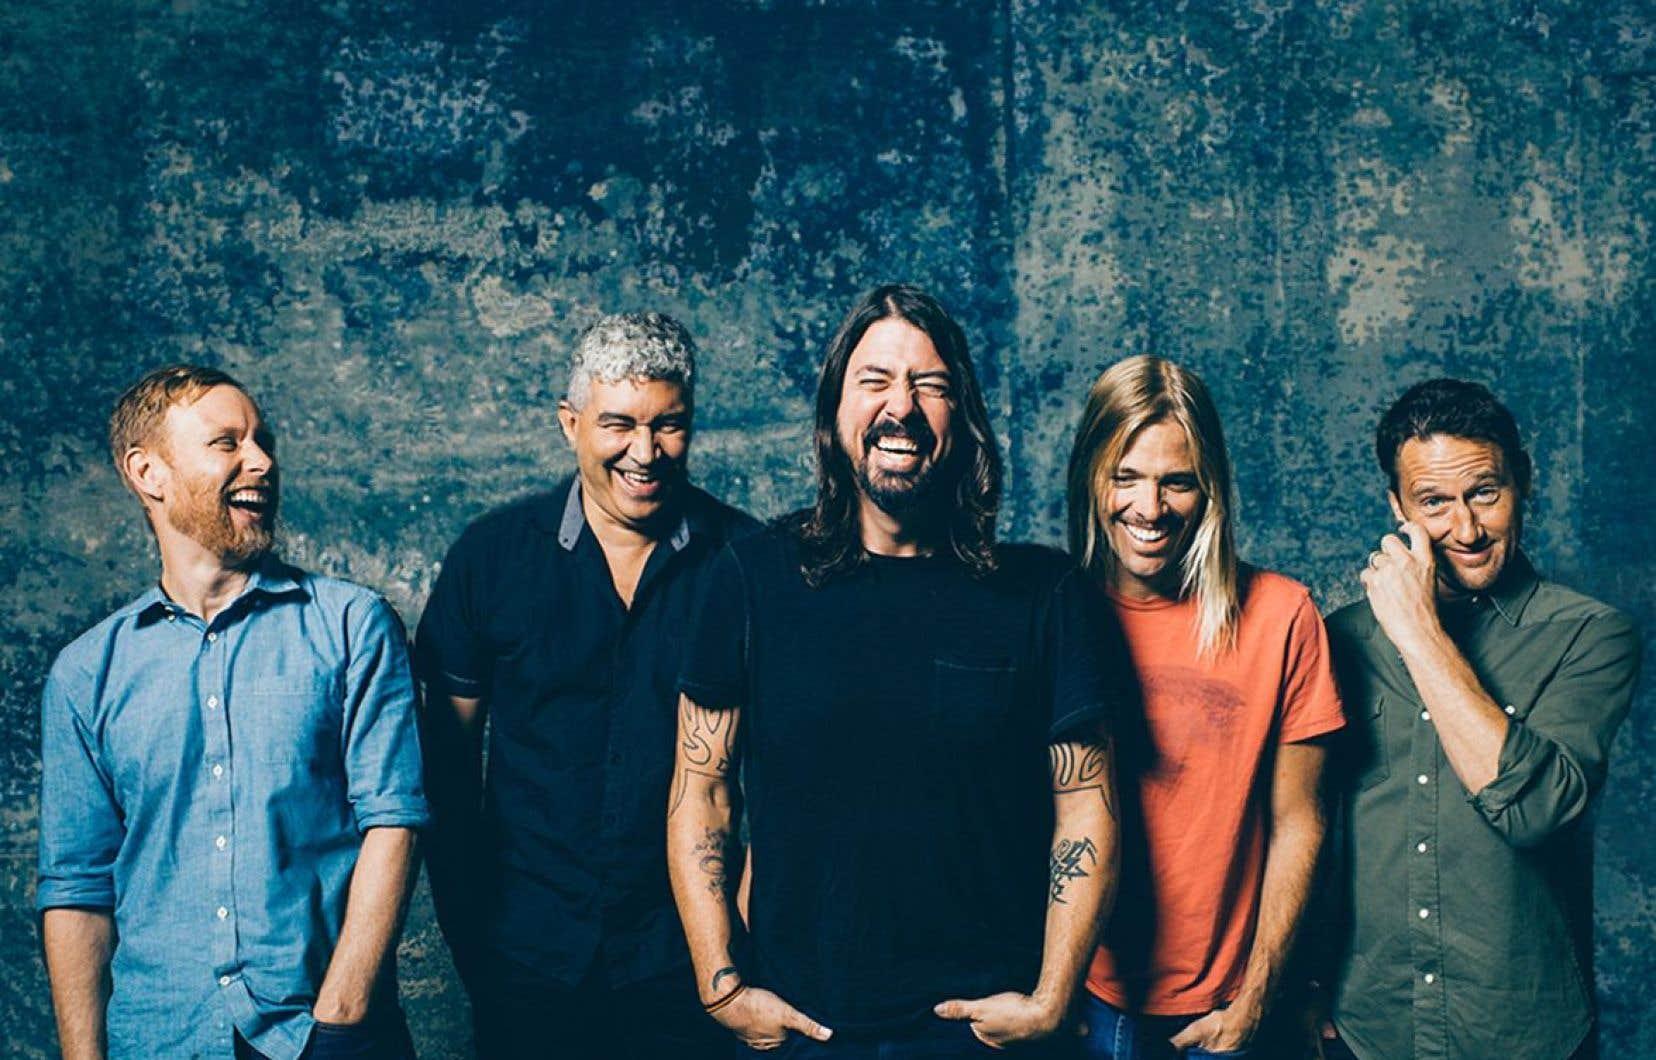 Le groupe Foo Fighters sera de la partie cet été au Festival.